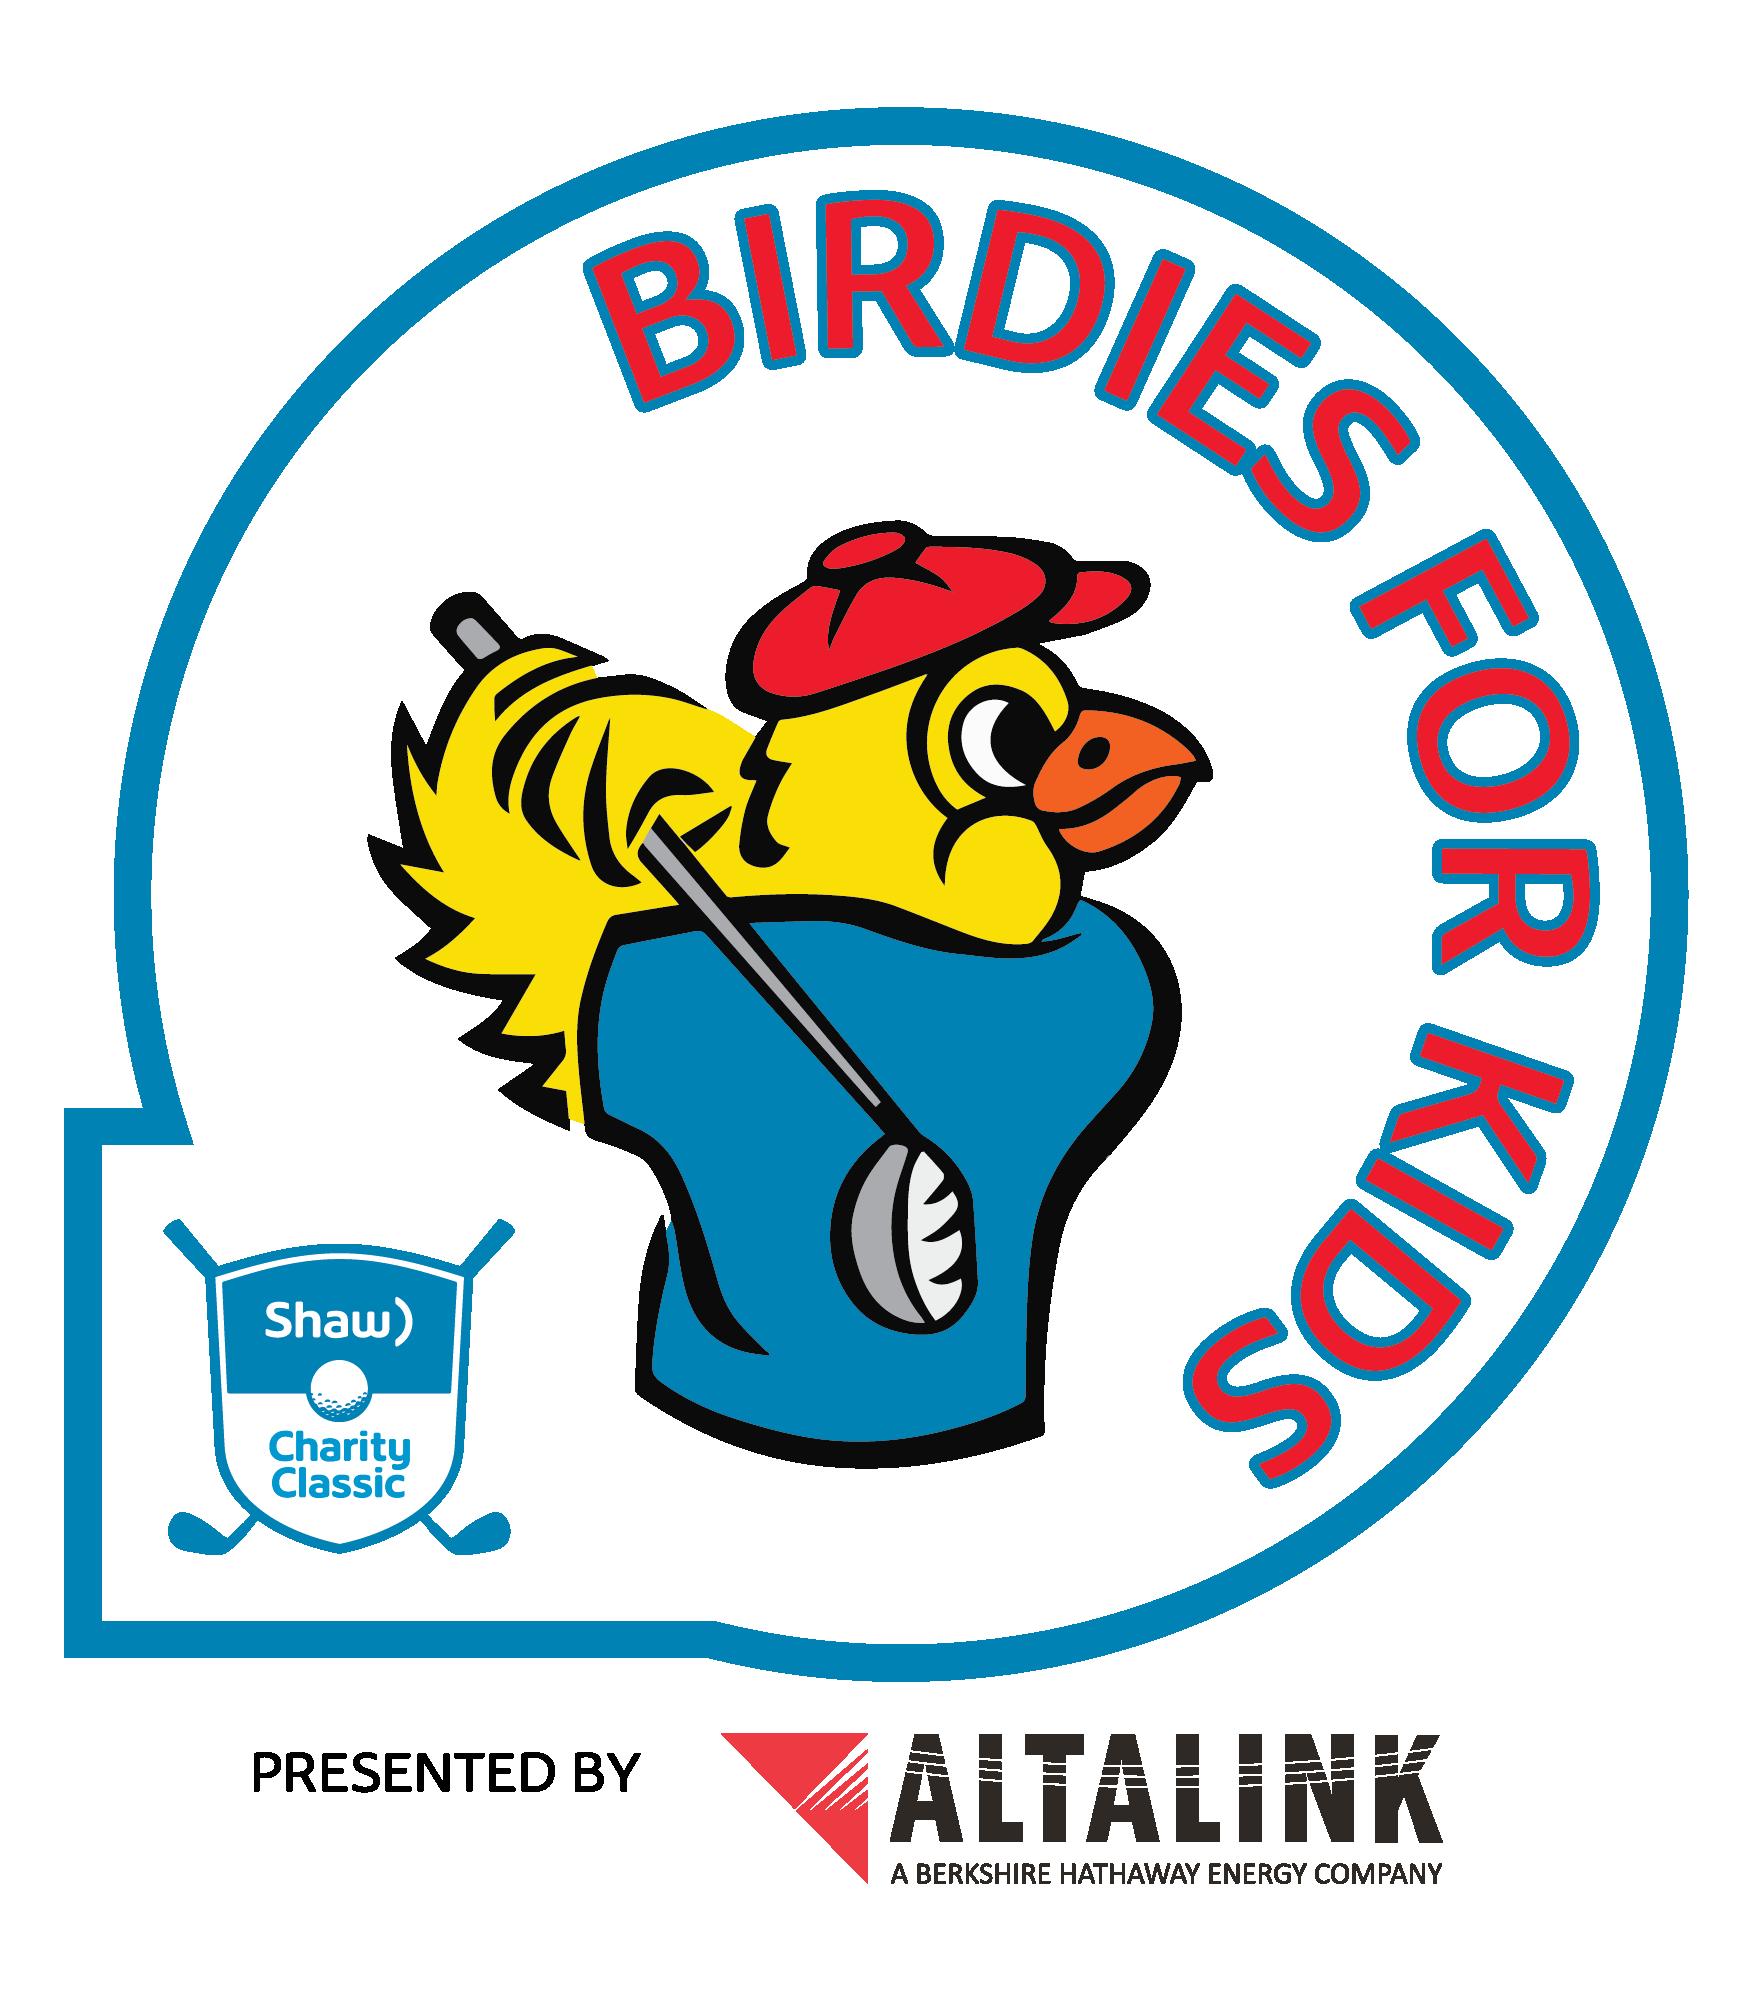 BirdiesforKidies